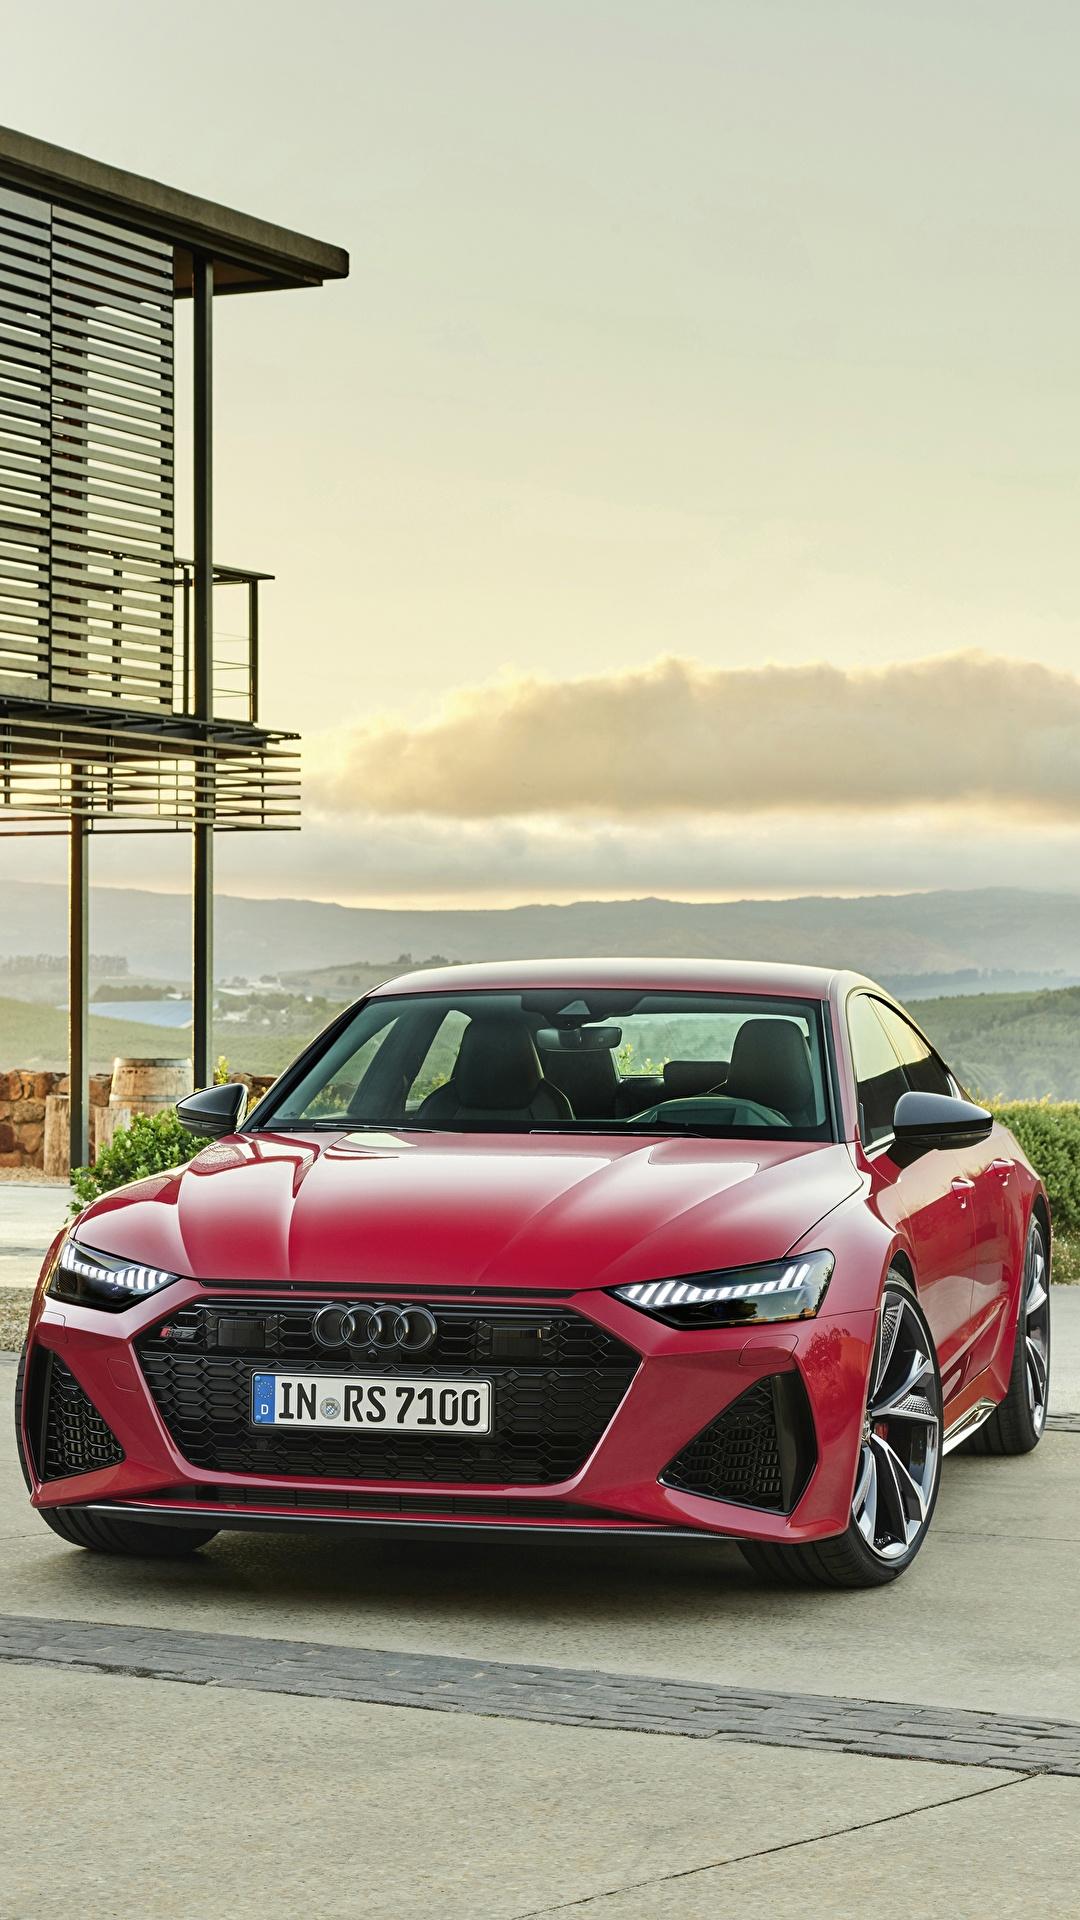 Fonds D Ecran 1080x1920 Audi Sportback Rs 7 2020 Devant Rouge Metallique Voitures Telecharger Photo